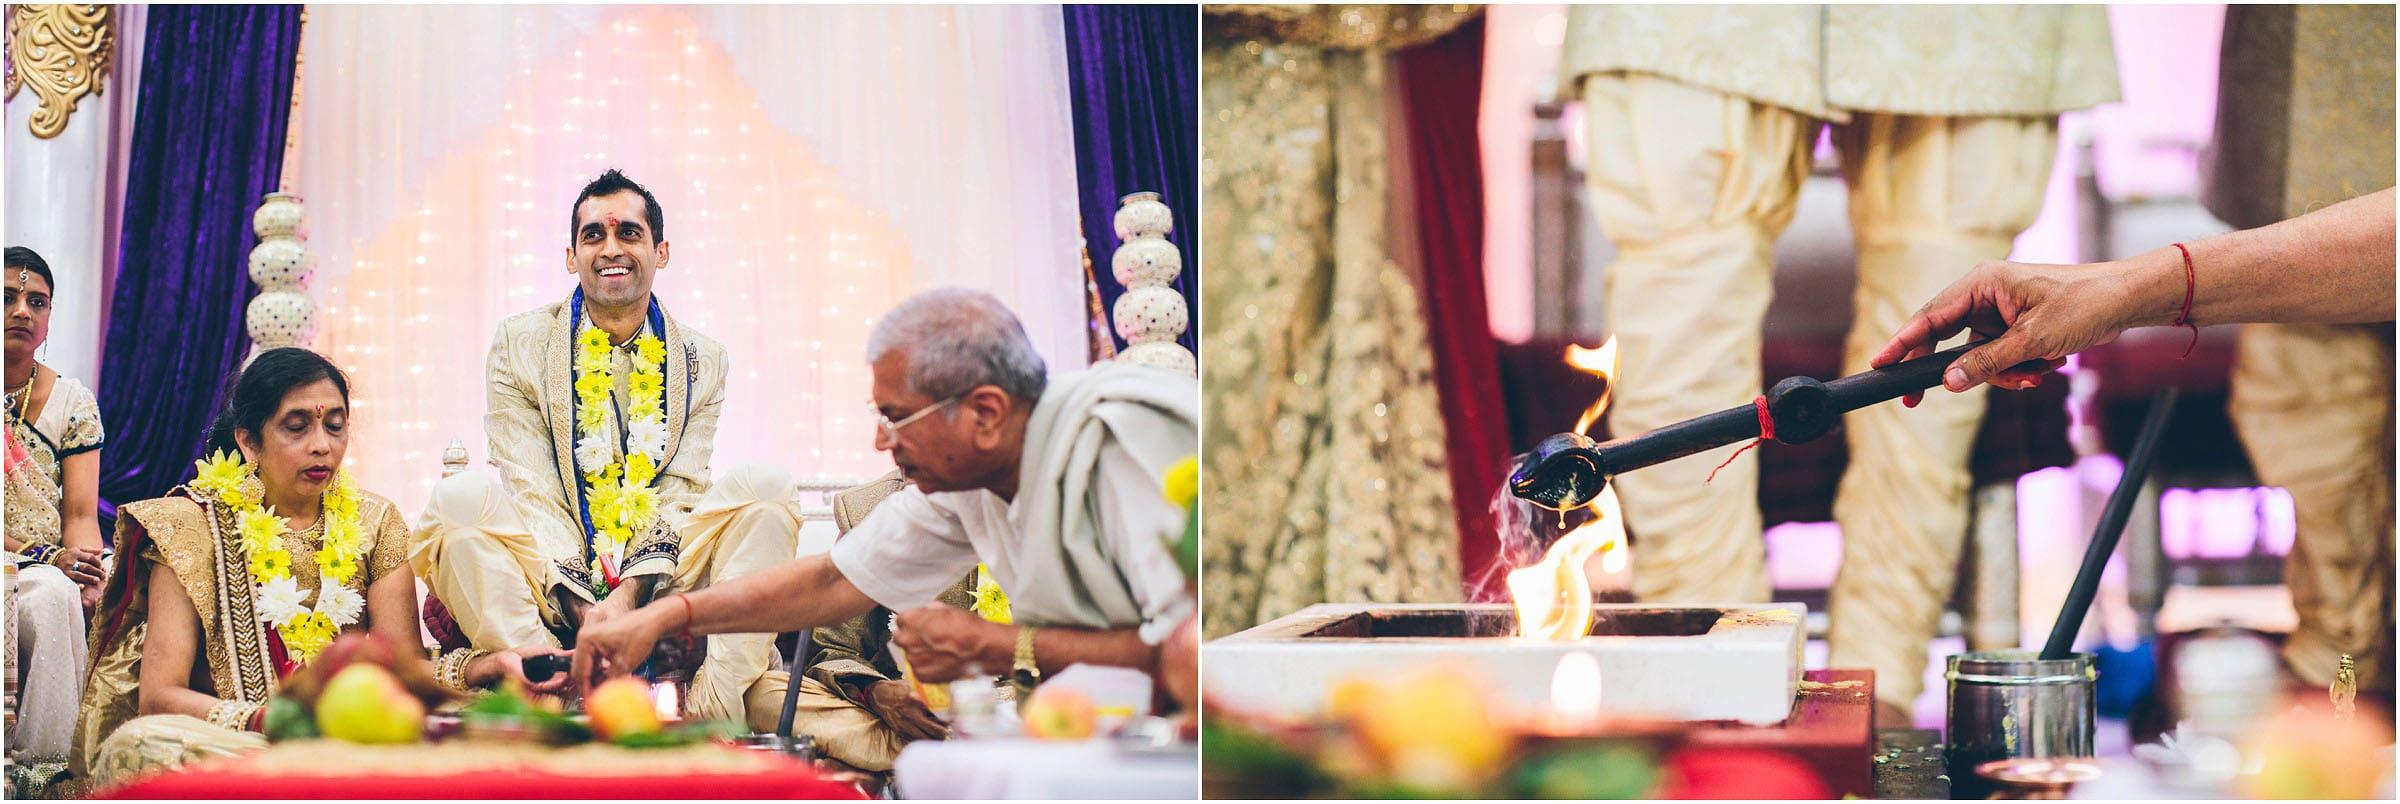 indian_wedding_photography_0006